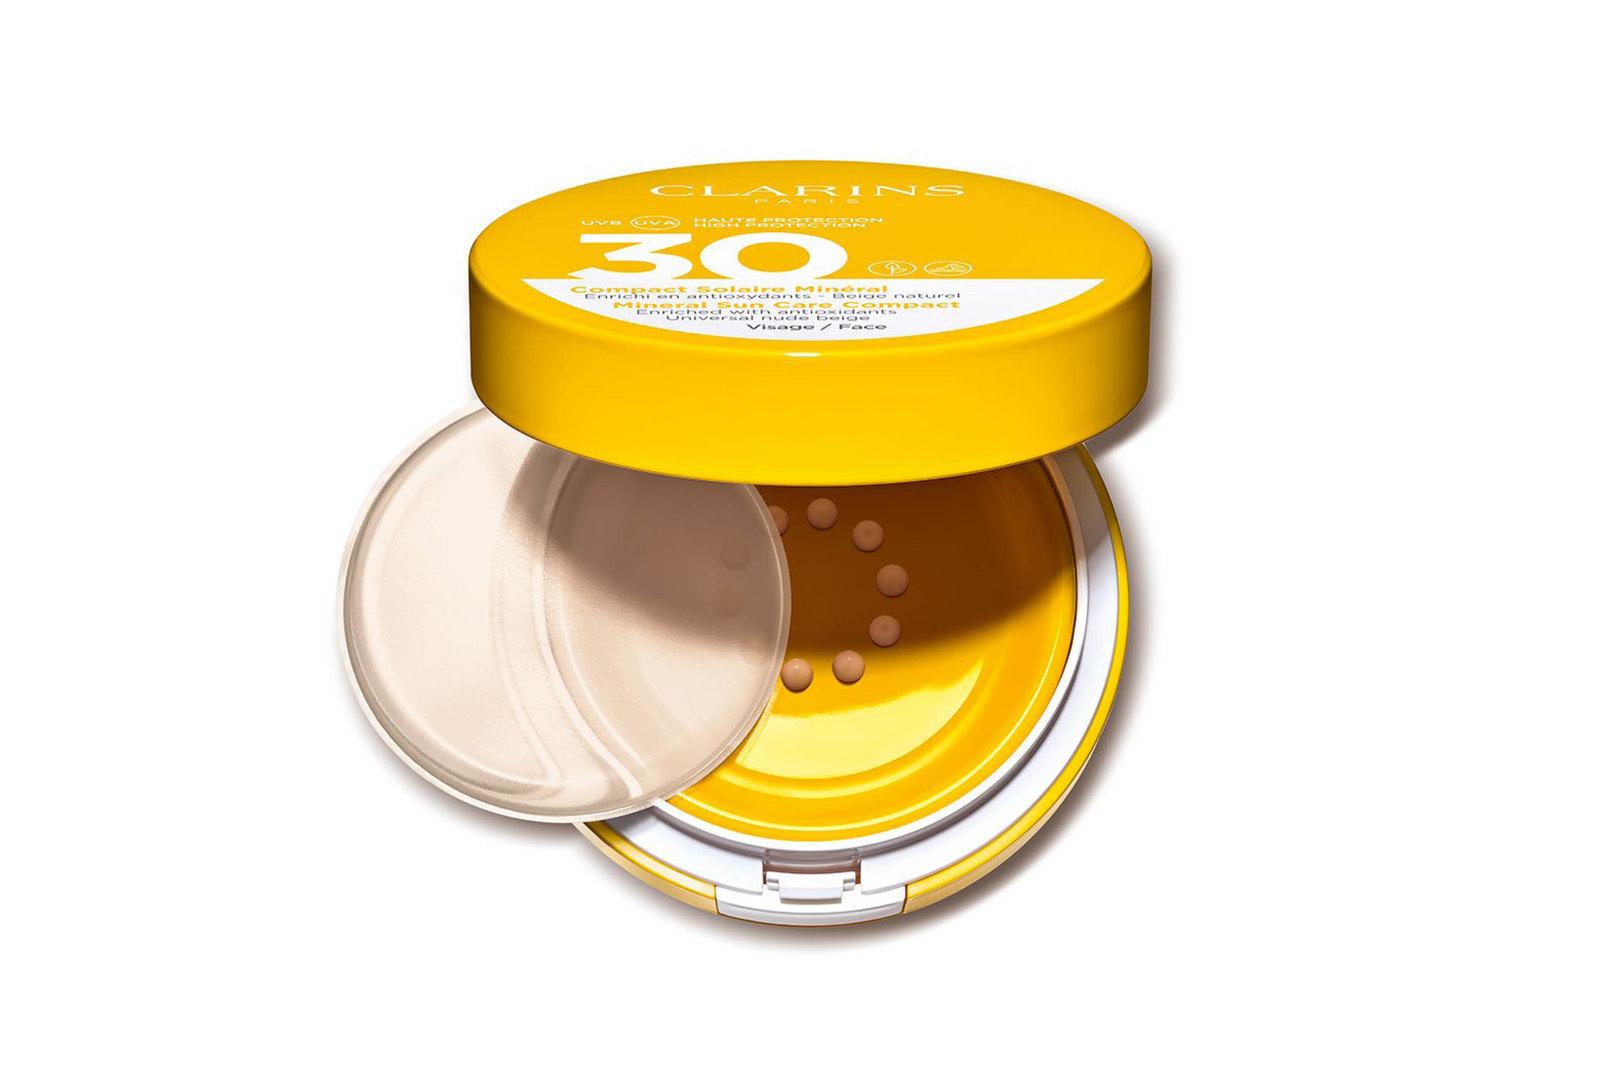 Солнцезащитное компактное средство длялица слегким тоном SPF 30, Clarins